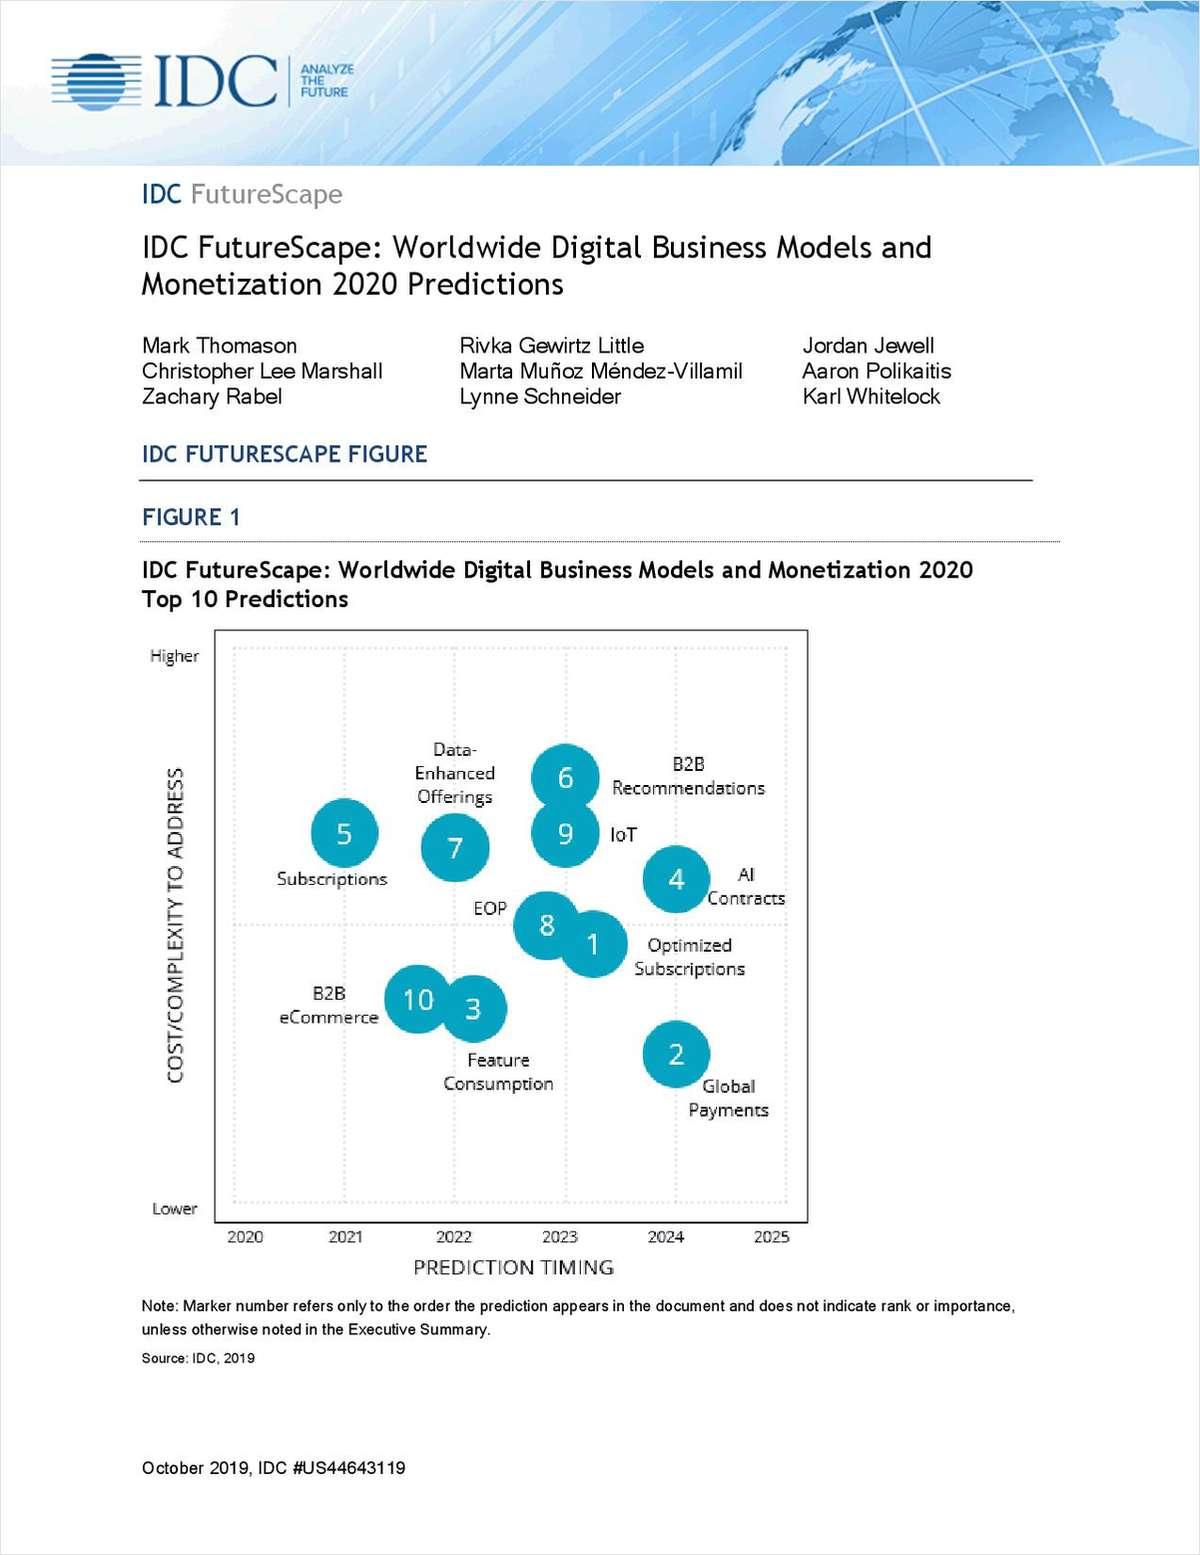 Business models numériques et prévisions de monétisation à l'horizon 2020